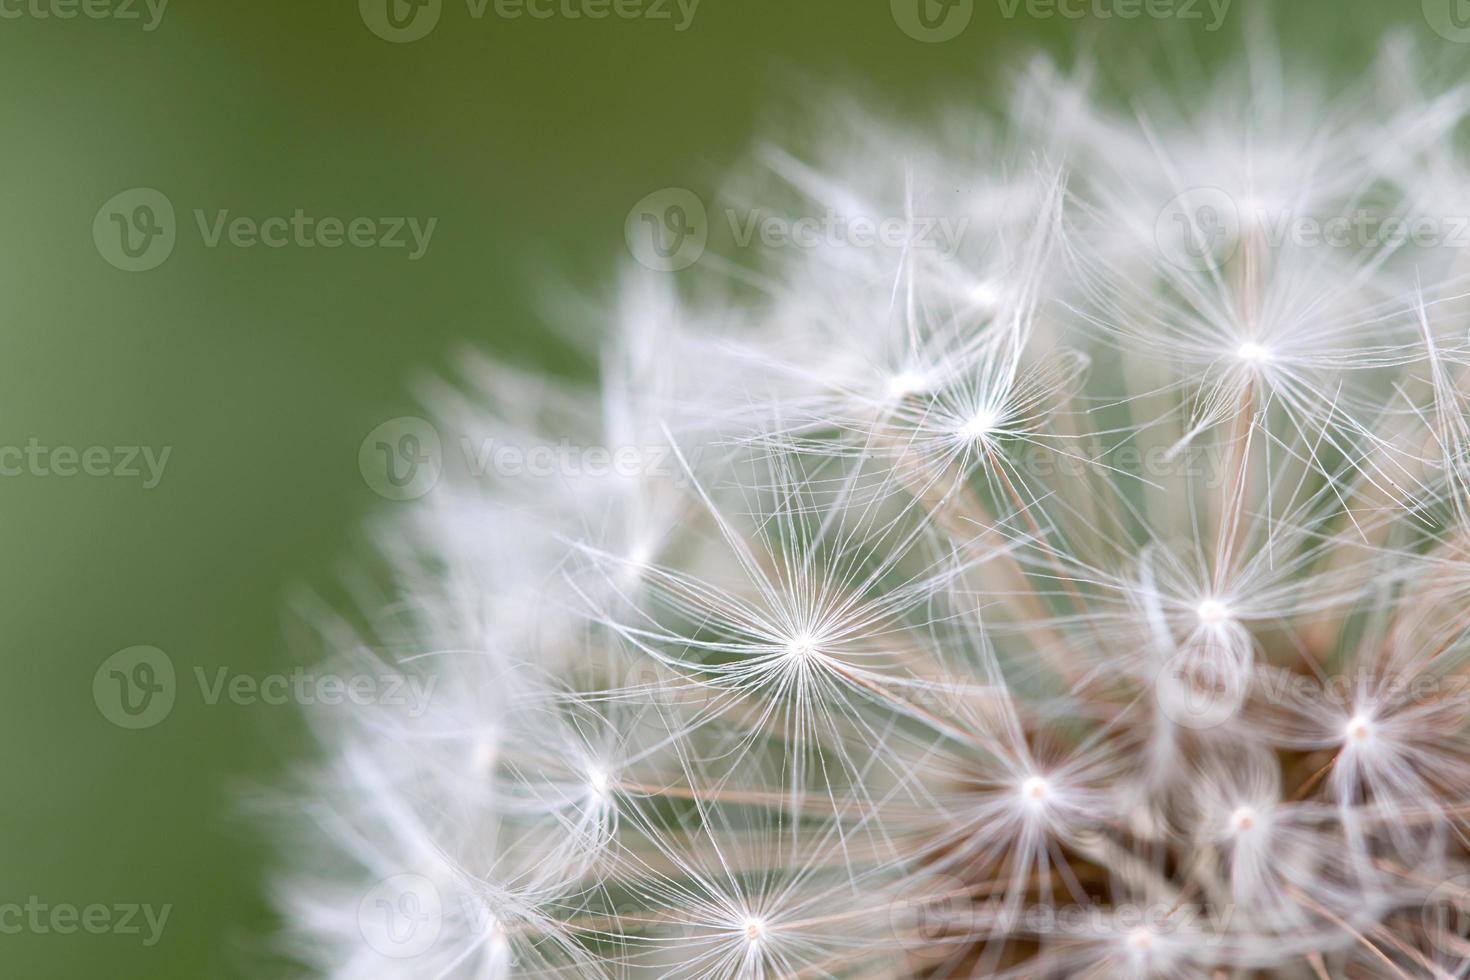 semilla de diente de león de cerca foto